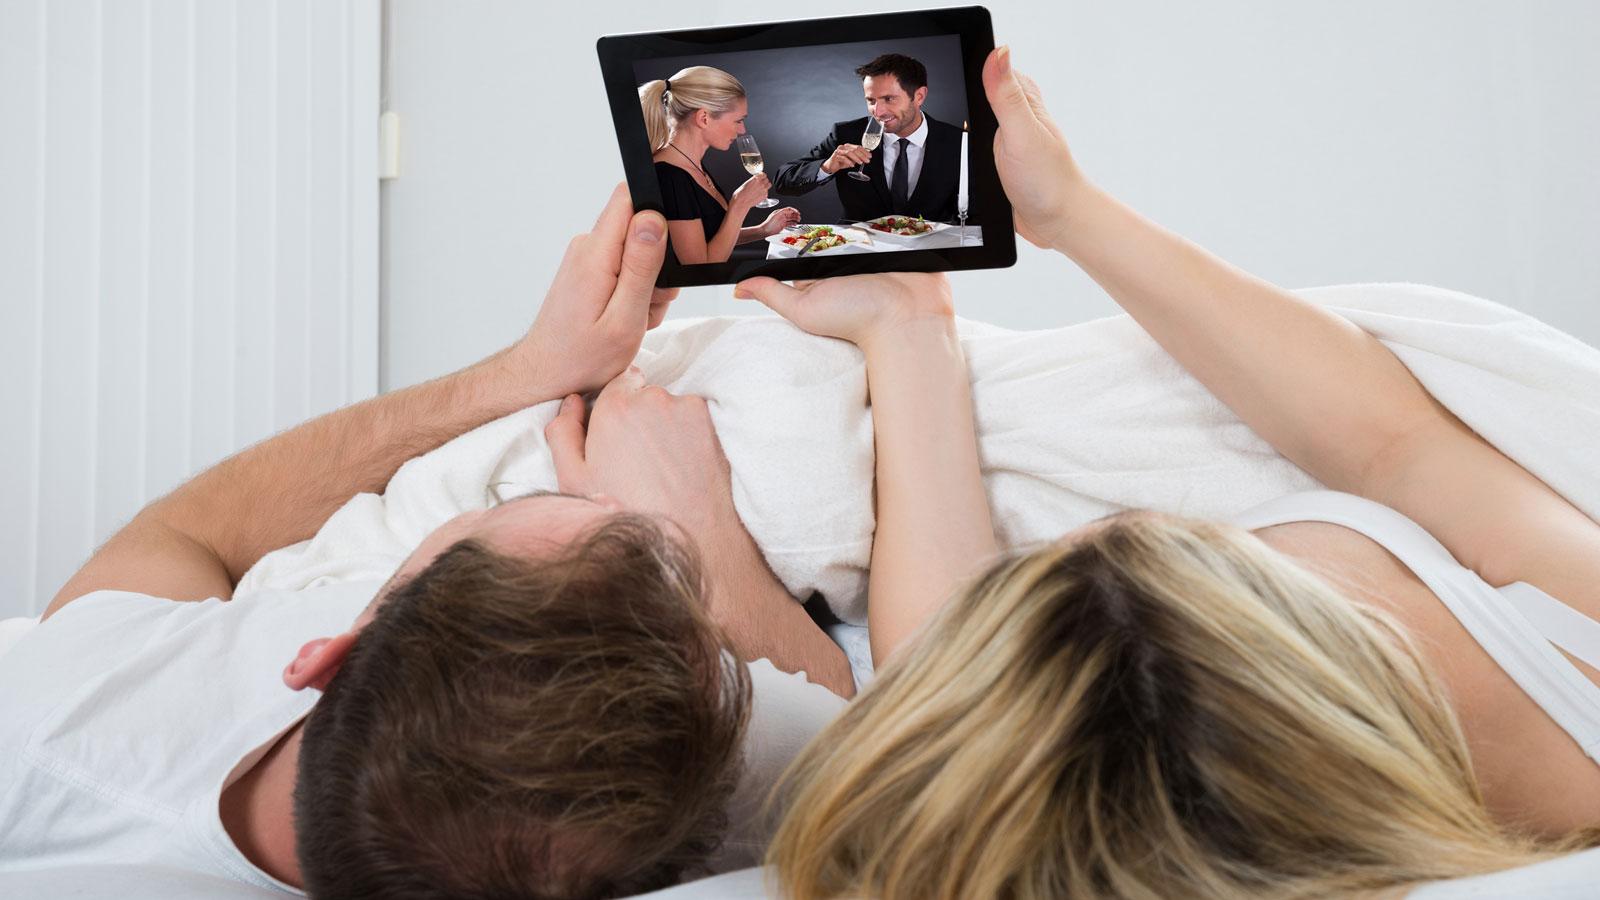 Mit SAT-IP-Technologie bequem im Bett auf dem Tablet fernsehen